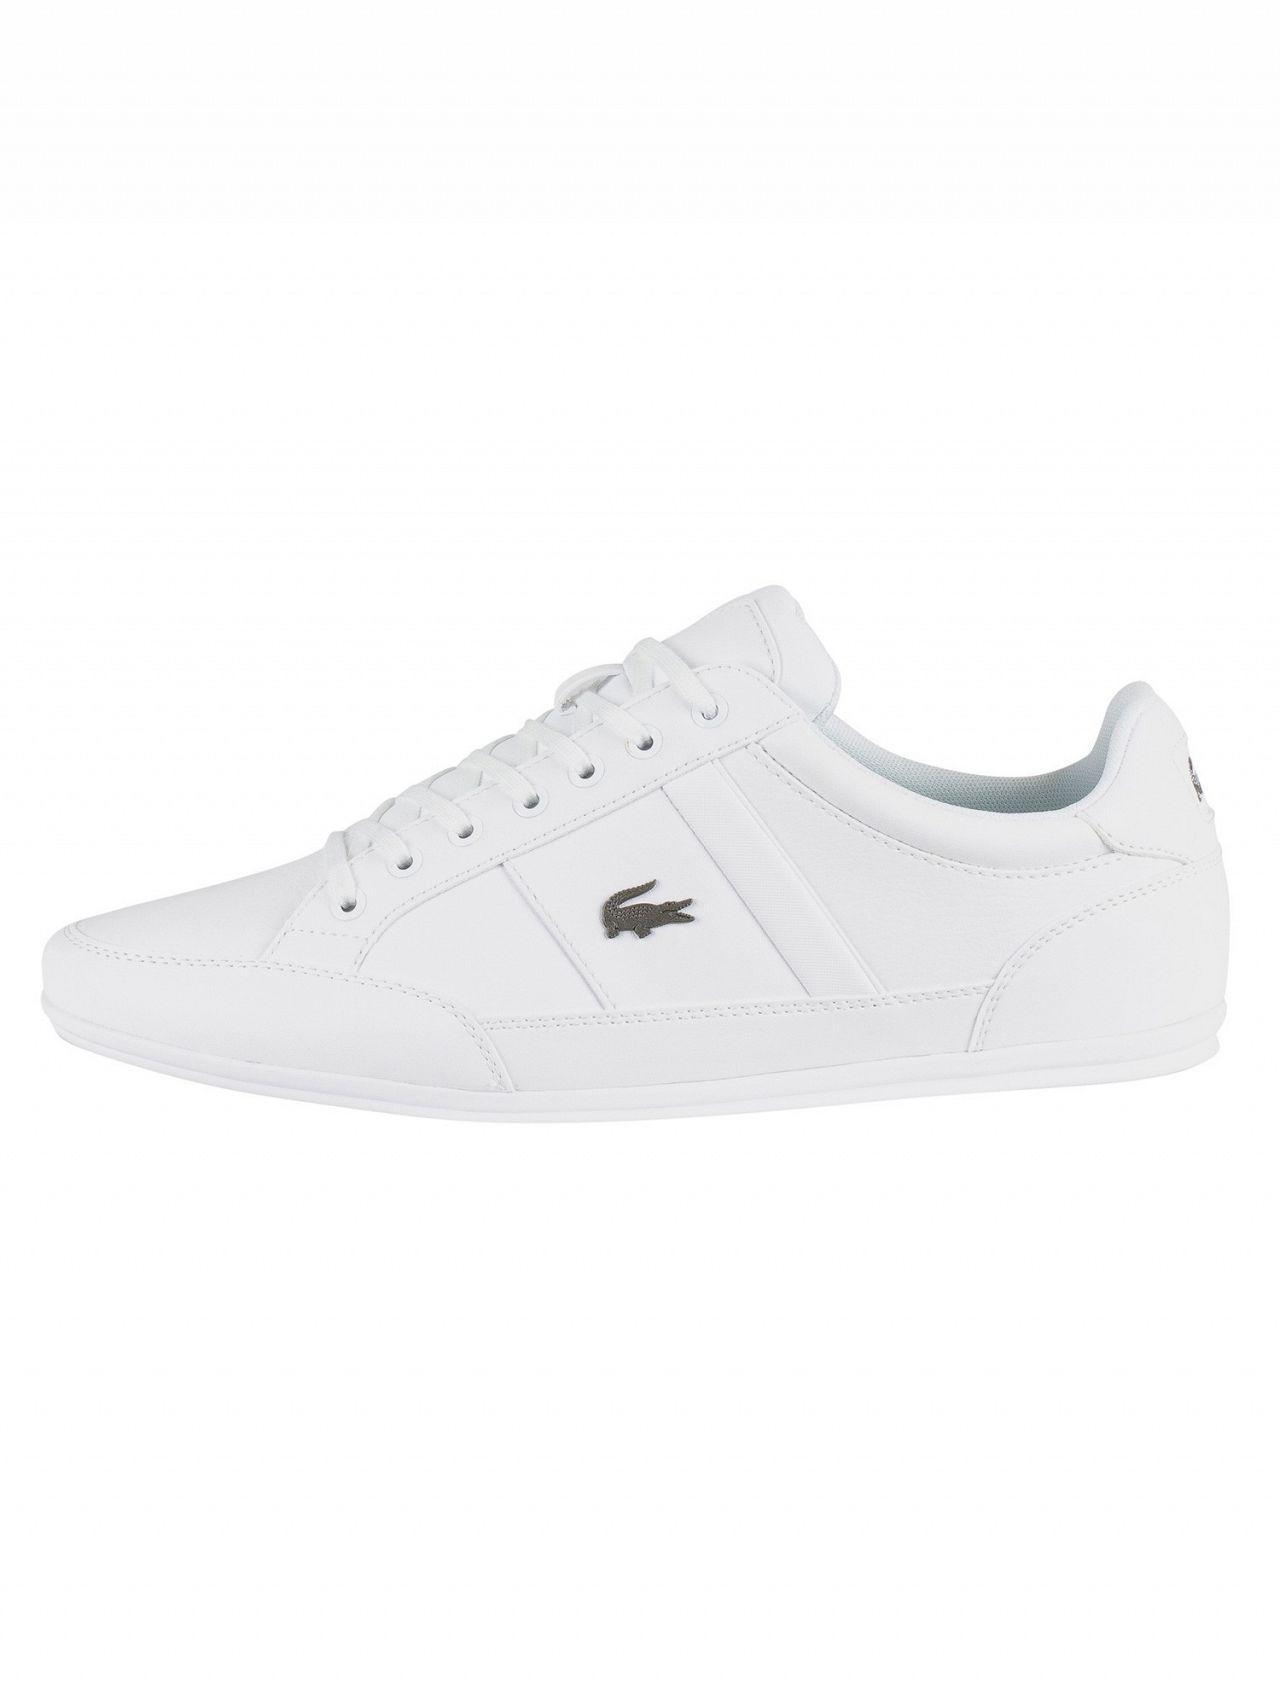 c0d6984e25e143 Lacoste White white Chaymon Bl 1 Cma Leather Trainers in White for Men -  Lyst